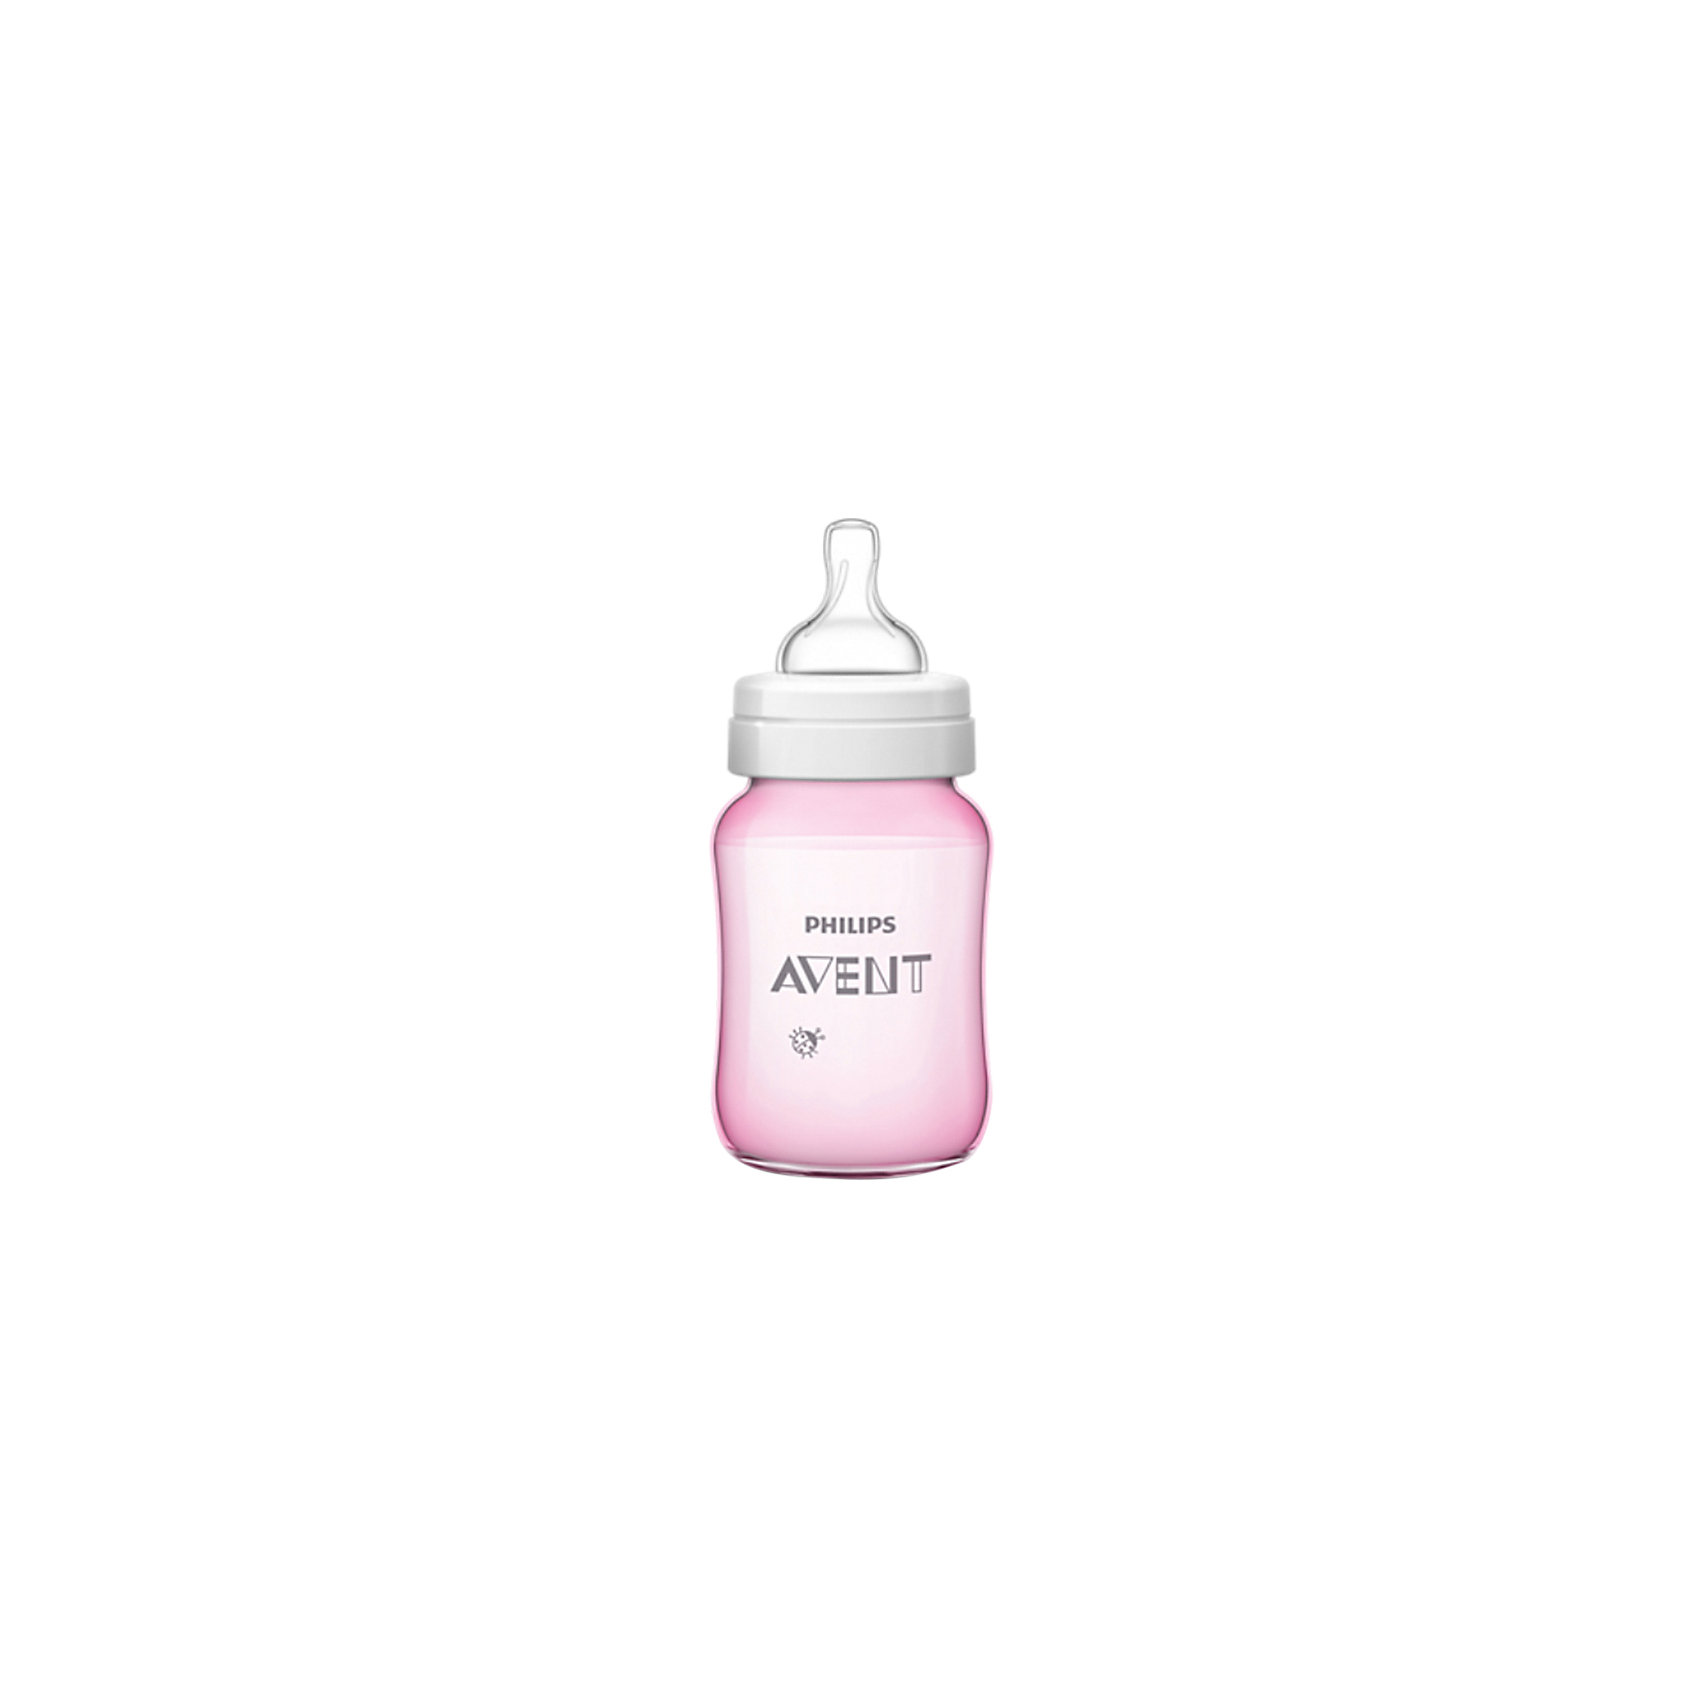 Бутылочка Classic+, 260 мл, 1 мес+, Philips Avent, розовый210 - 281 мл.<br>Новая, улучшенная бутылочка Classic+ от Philips Avent - это то, что необходимо Вам!  <br><br>Особенности:<br>- Удобное кормление благодаря уникальной форме бутылочки. <br>- Антиколиковая система. Во время кормления, открывается специальный клапан на соске, пропуская воздух в бутылочку, а не в живот ребеночка.<br>- Благодаря широкому горлышку, после кормления, можно без труда очистить бутылку.<br>- Для большего удобства и более длительного использования бутылочка совместима с большинством изделий линейки Philips. <br>- Не содержащего бисфенола-А.<br><br>Дополнительная информация: <br><br>- Возраст: с 1 месяца.<br>- Объем: 260 мл.<br>- Цвет: розовый.<br>- Материал: полипропилен, силикон. <br>- Размер упаковки: 7,1х7,1х16,9 см.<br>- Вес в упаковке: 92 г.<br><br>Купить бутылочку Classic+ от Philips Avent в розовом цвете, можно в нашем магазине.<br><br>Ширина мм: 71<br>Глубина мм: 71<br>Высота мм: 169<br>Вес г: 92<br>Возраст от месяцев: 1<br>Возраст до месяцев: 2147483647<br>Пол: Женский<br>Возраст: Детский<br>SKU: 4880863